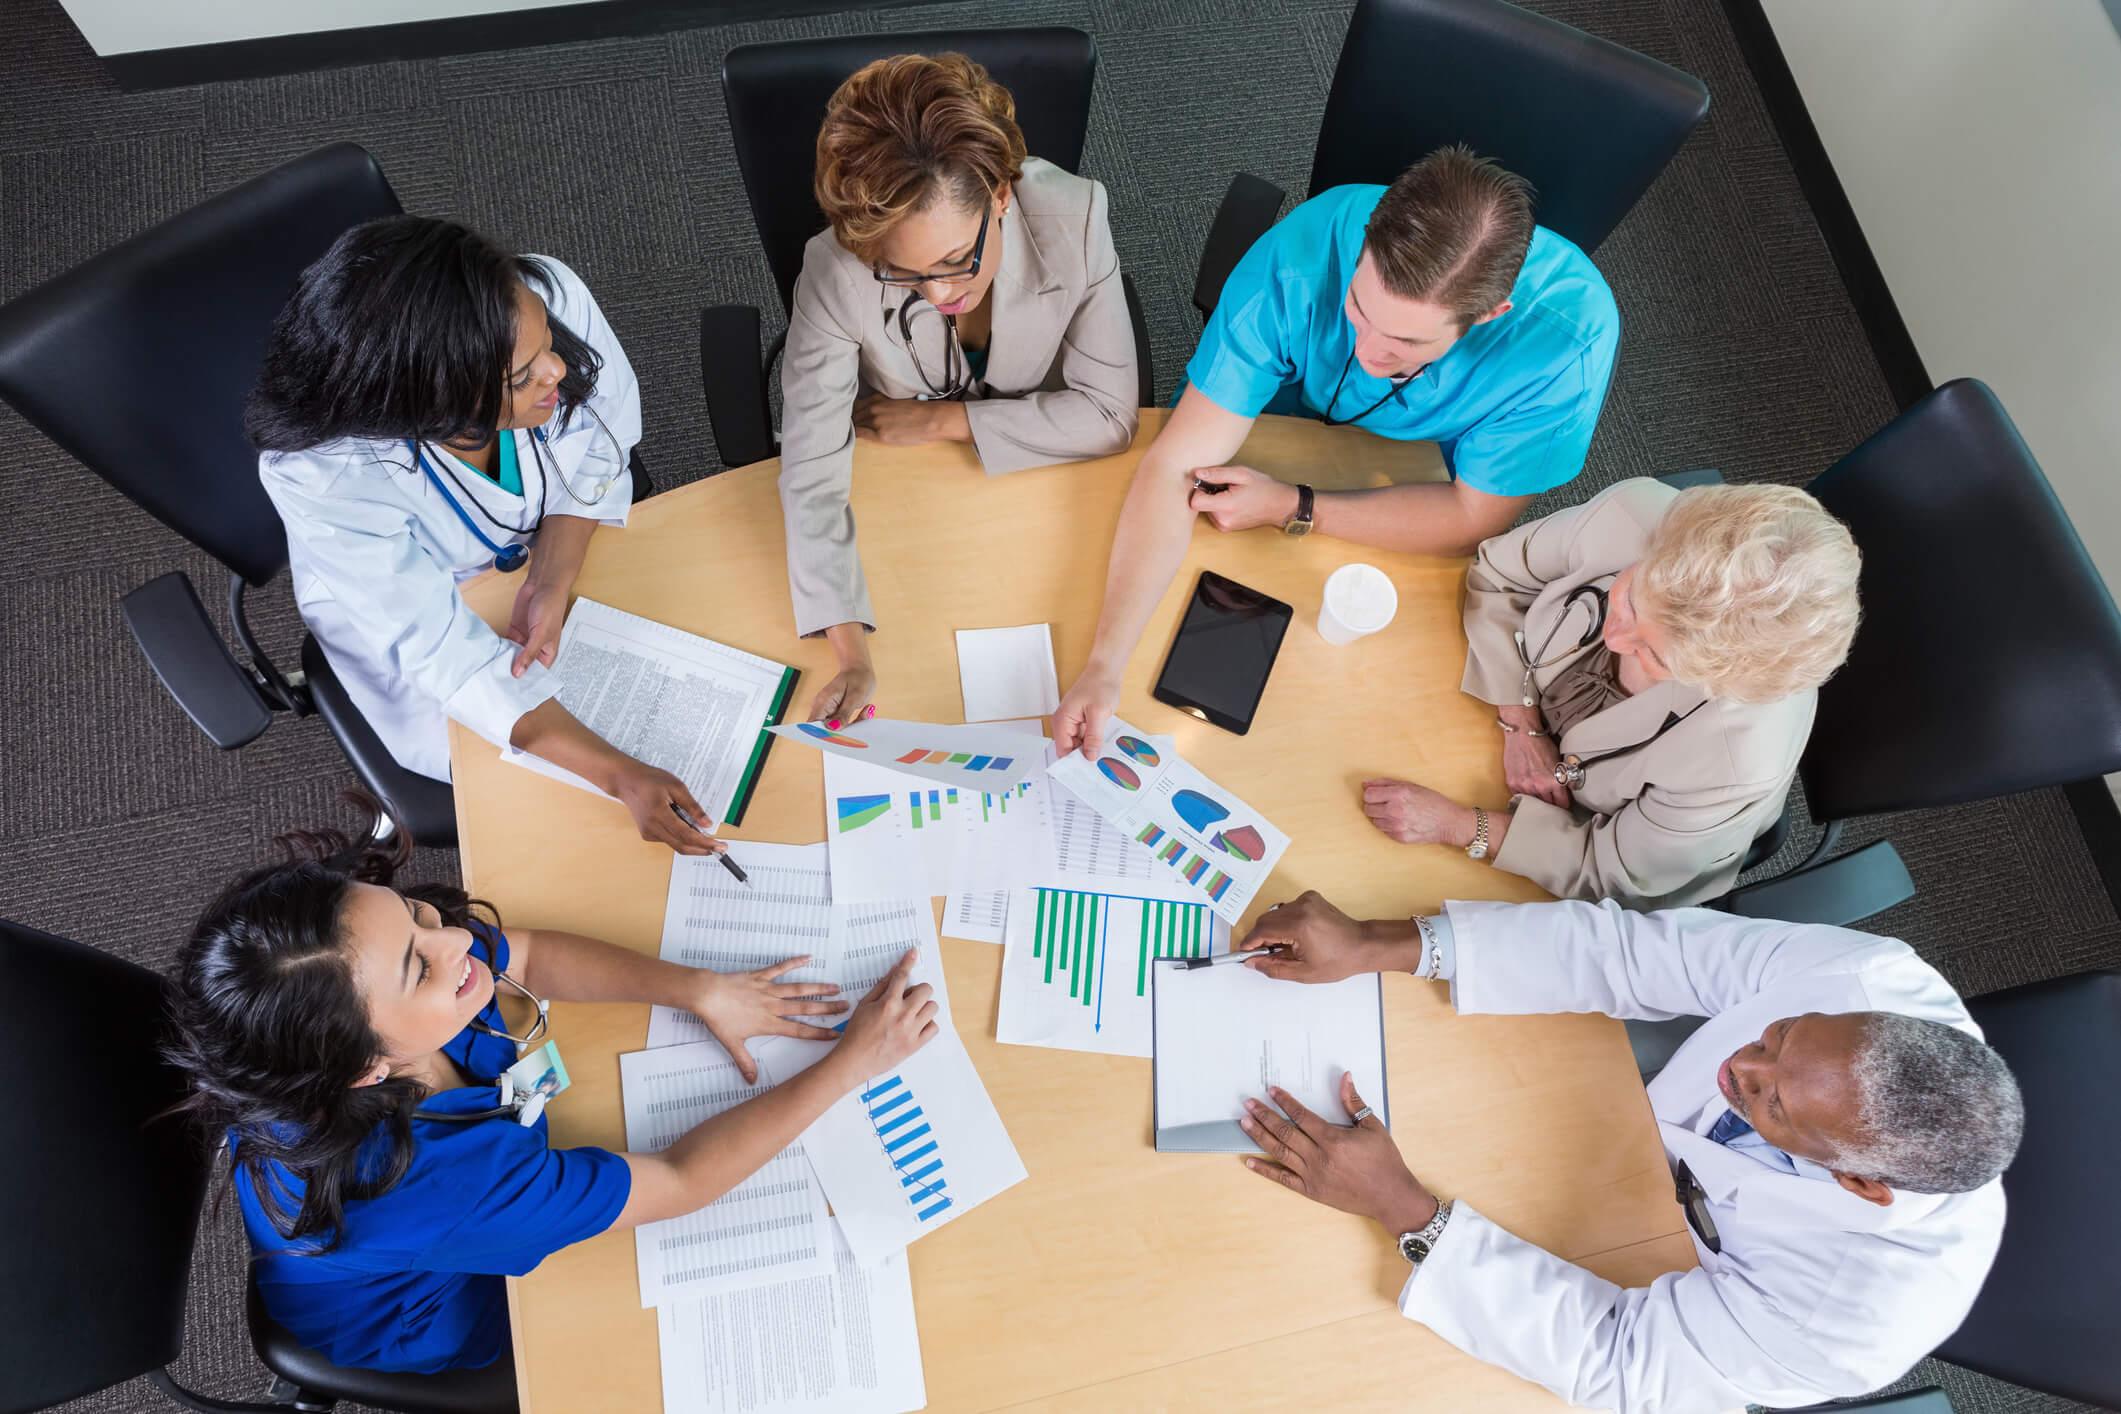 Profissionais analisando um relatório administrativo